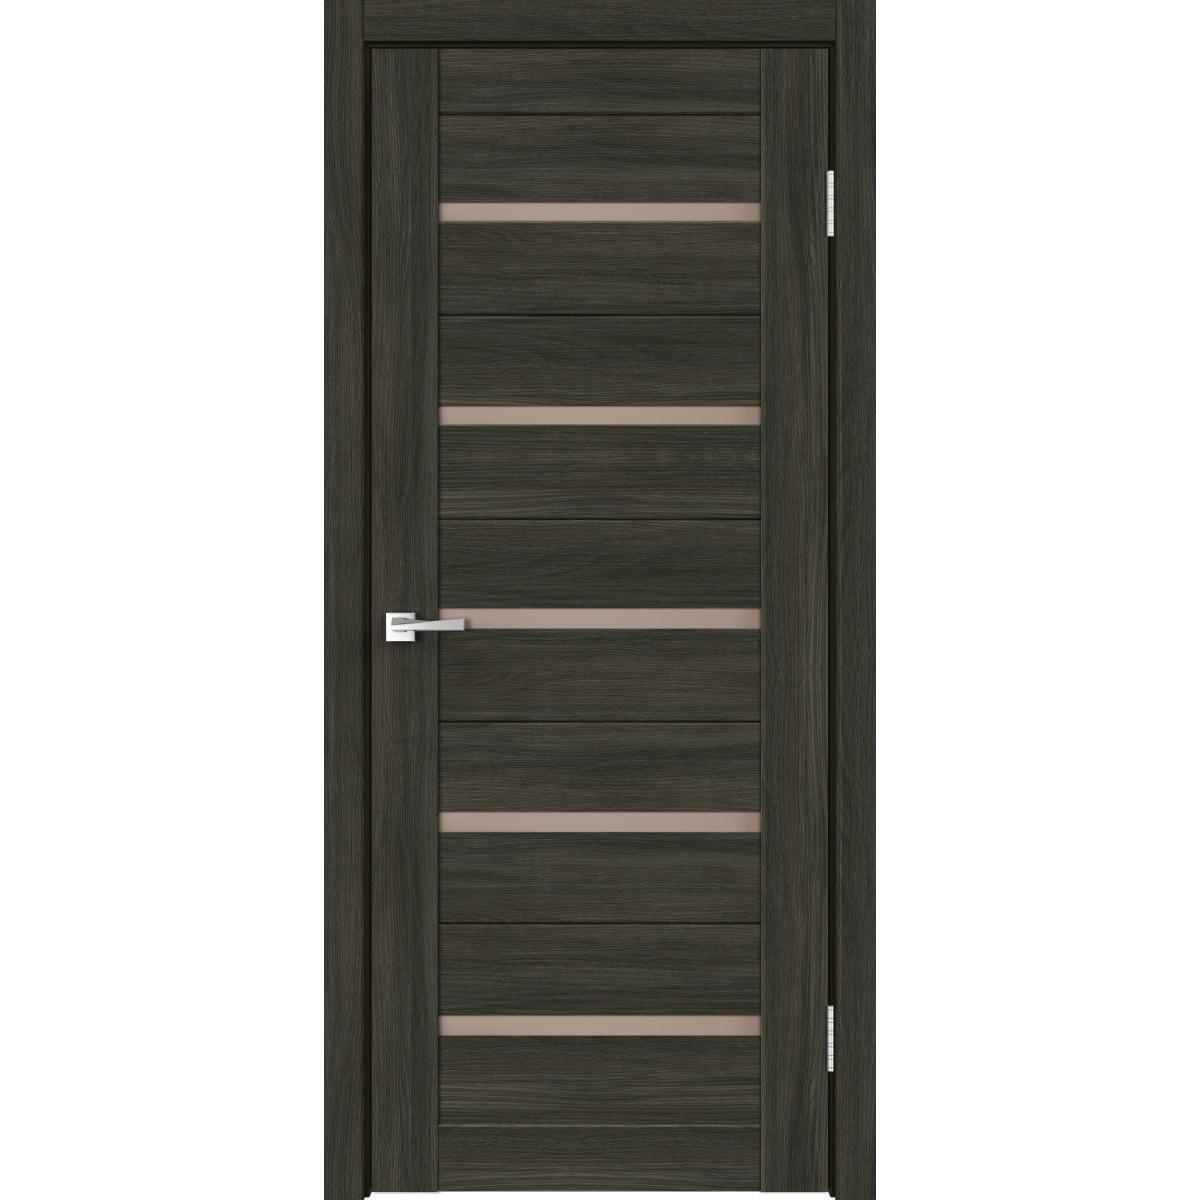 Дверь Межкомнатная Остеклённая Калипсо 60Х200 С Фурнитурой Hardflex Цвет Дуб Кастелло